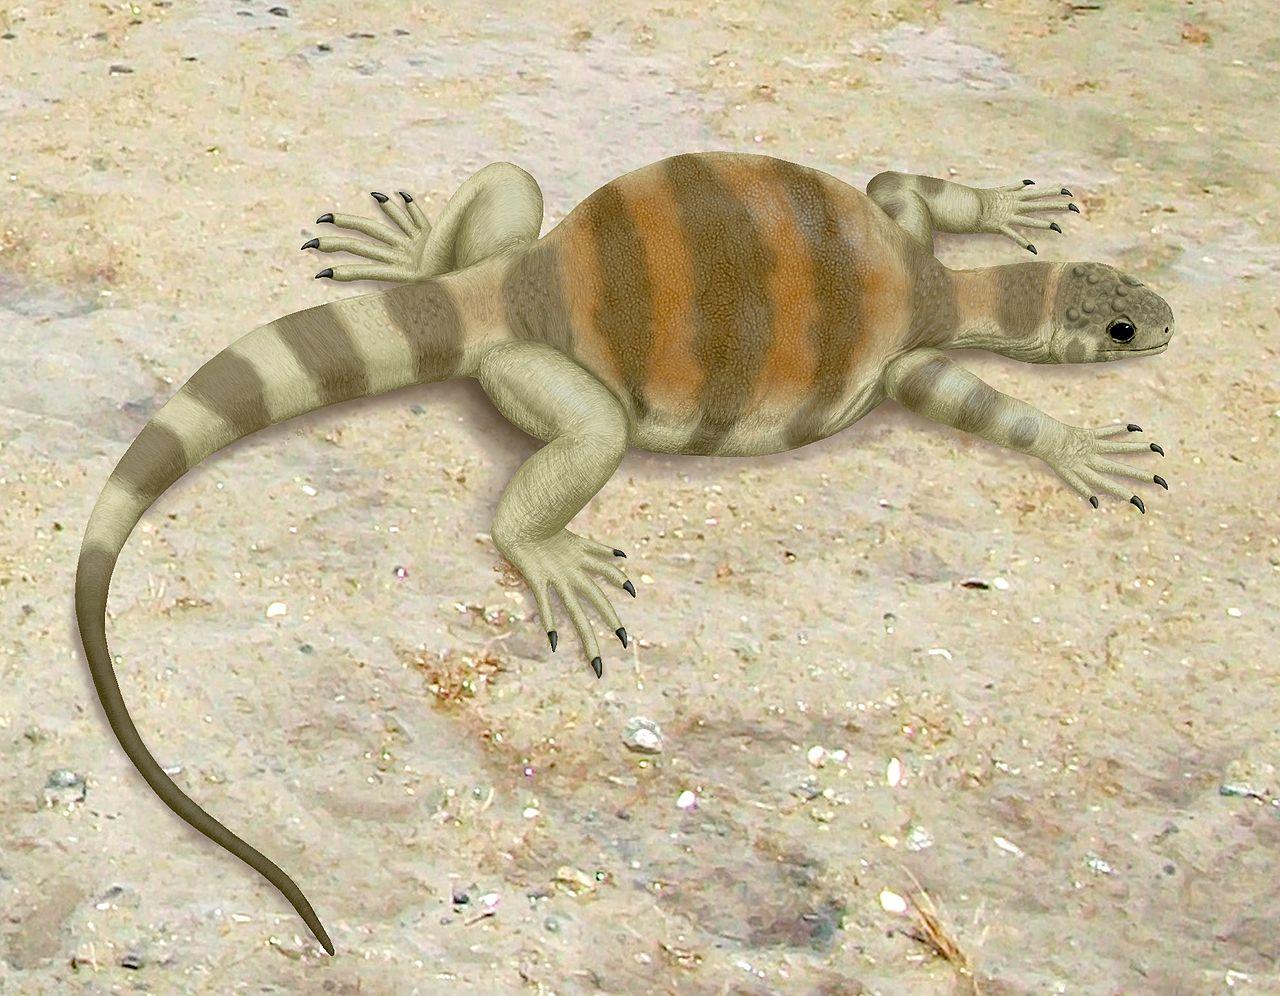 Eunotosaurus